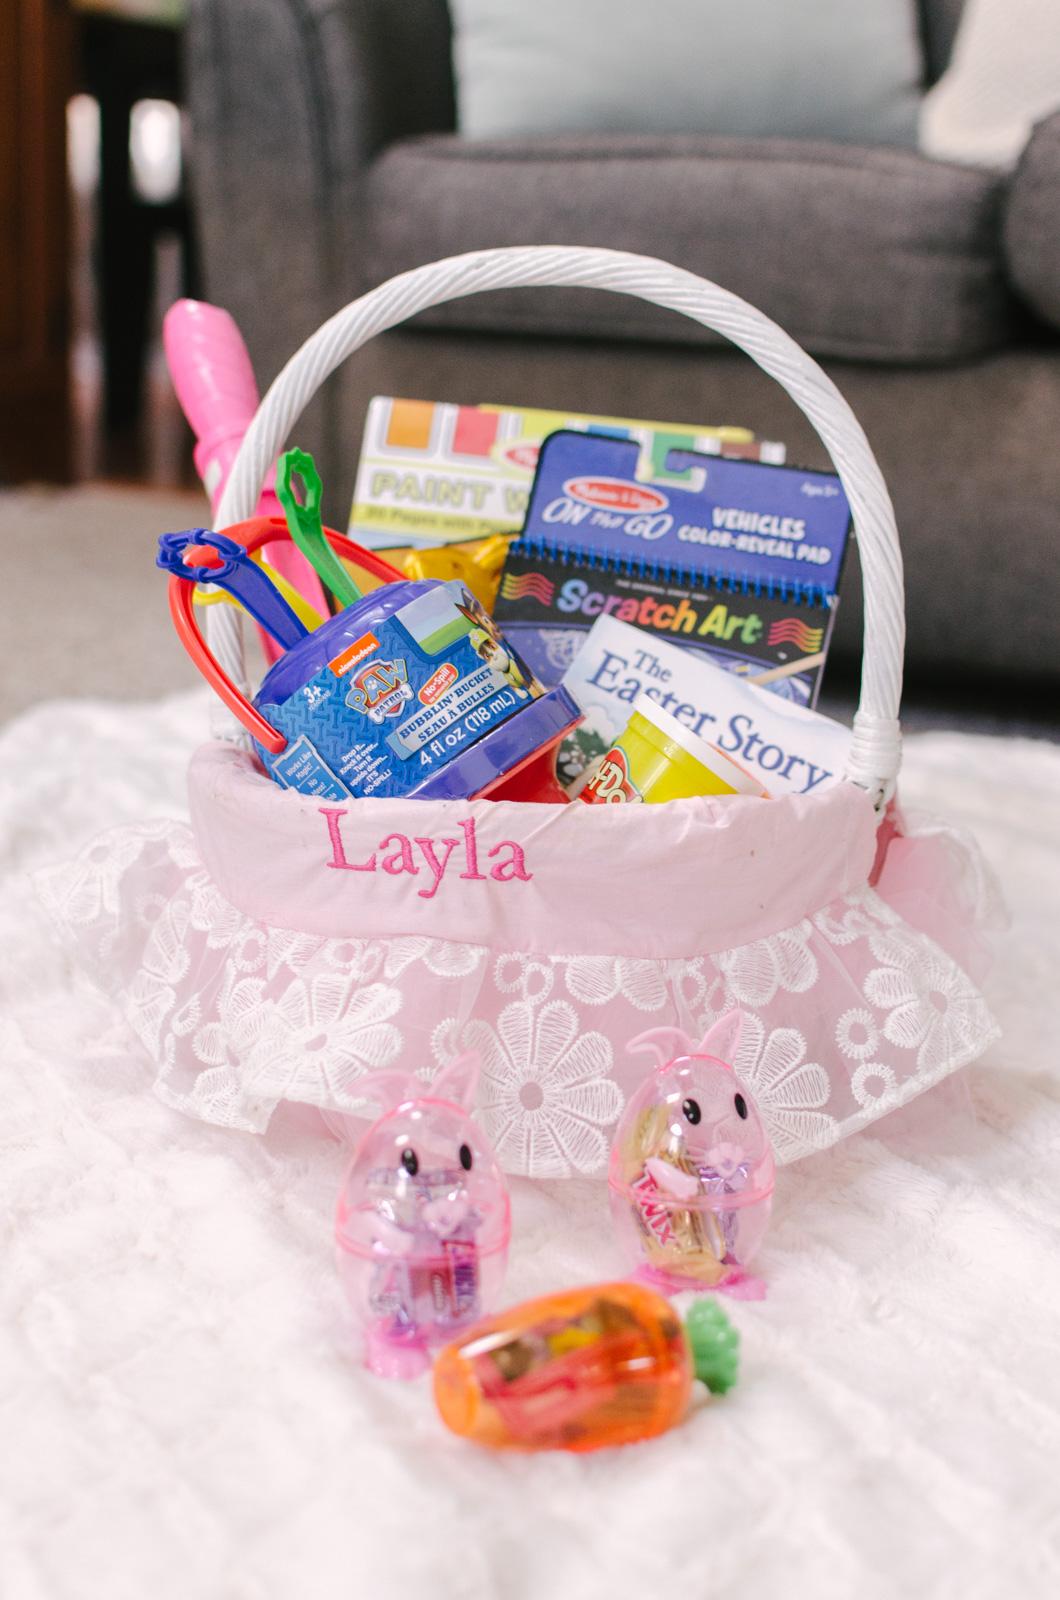 toddler easter basket ideas on amazon prime | bylaurenm.com